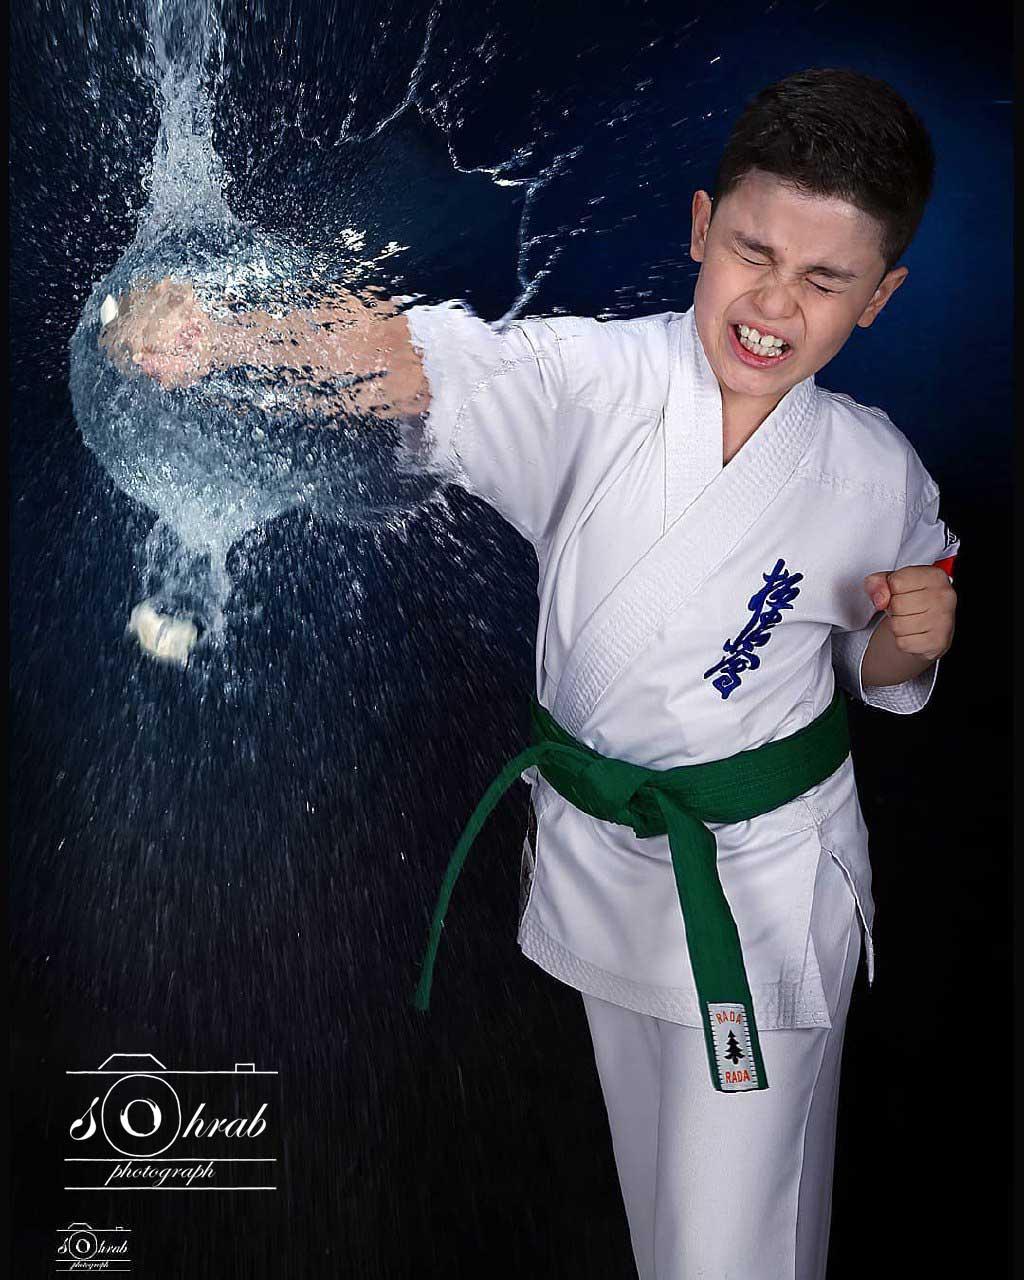 عکاسی ورزشی در استودیو کاراته کار سبک کیوکوشین در حال ضربه با قطرات آب عکاس سهراب نعیمی